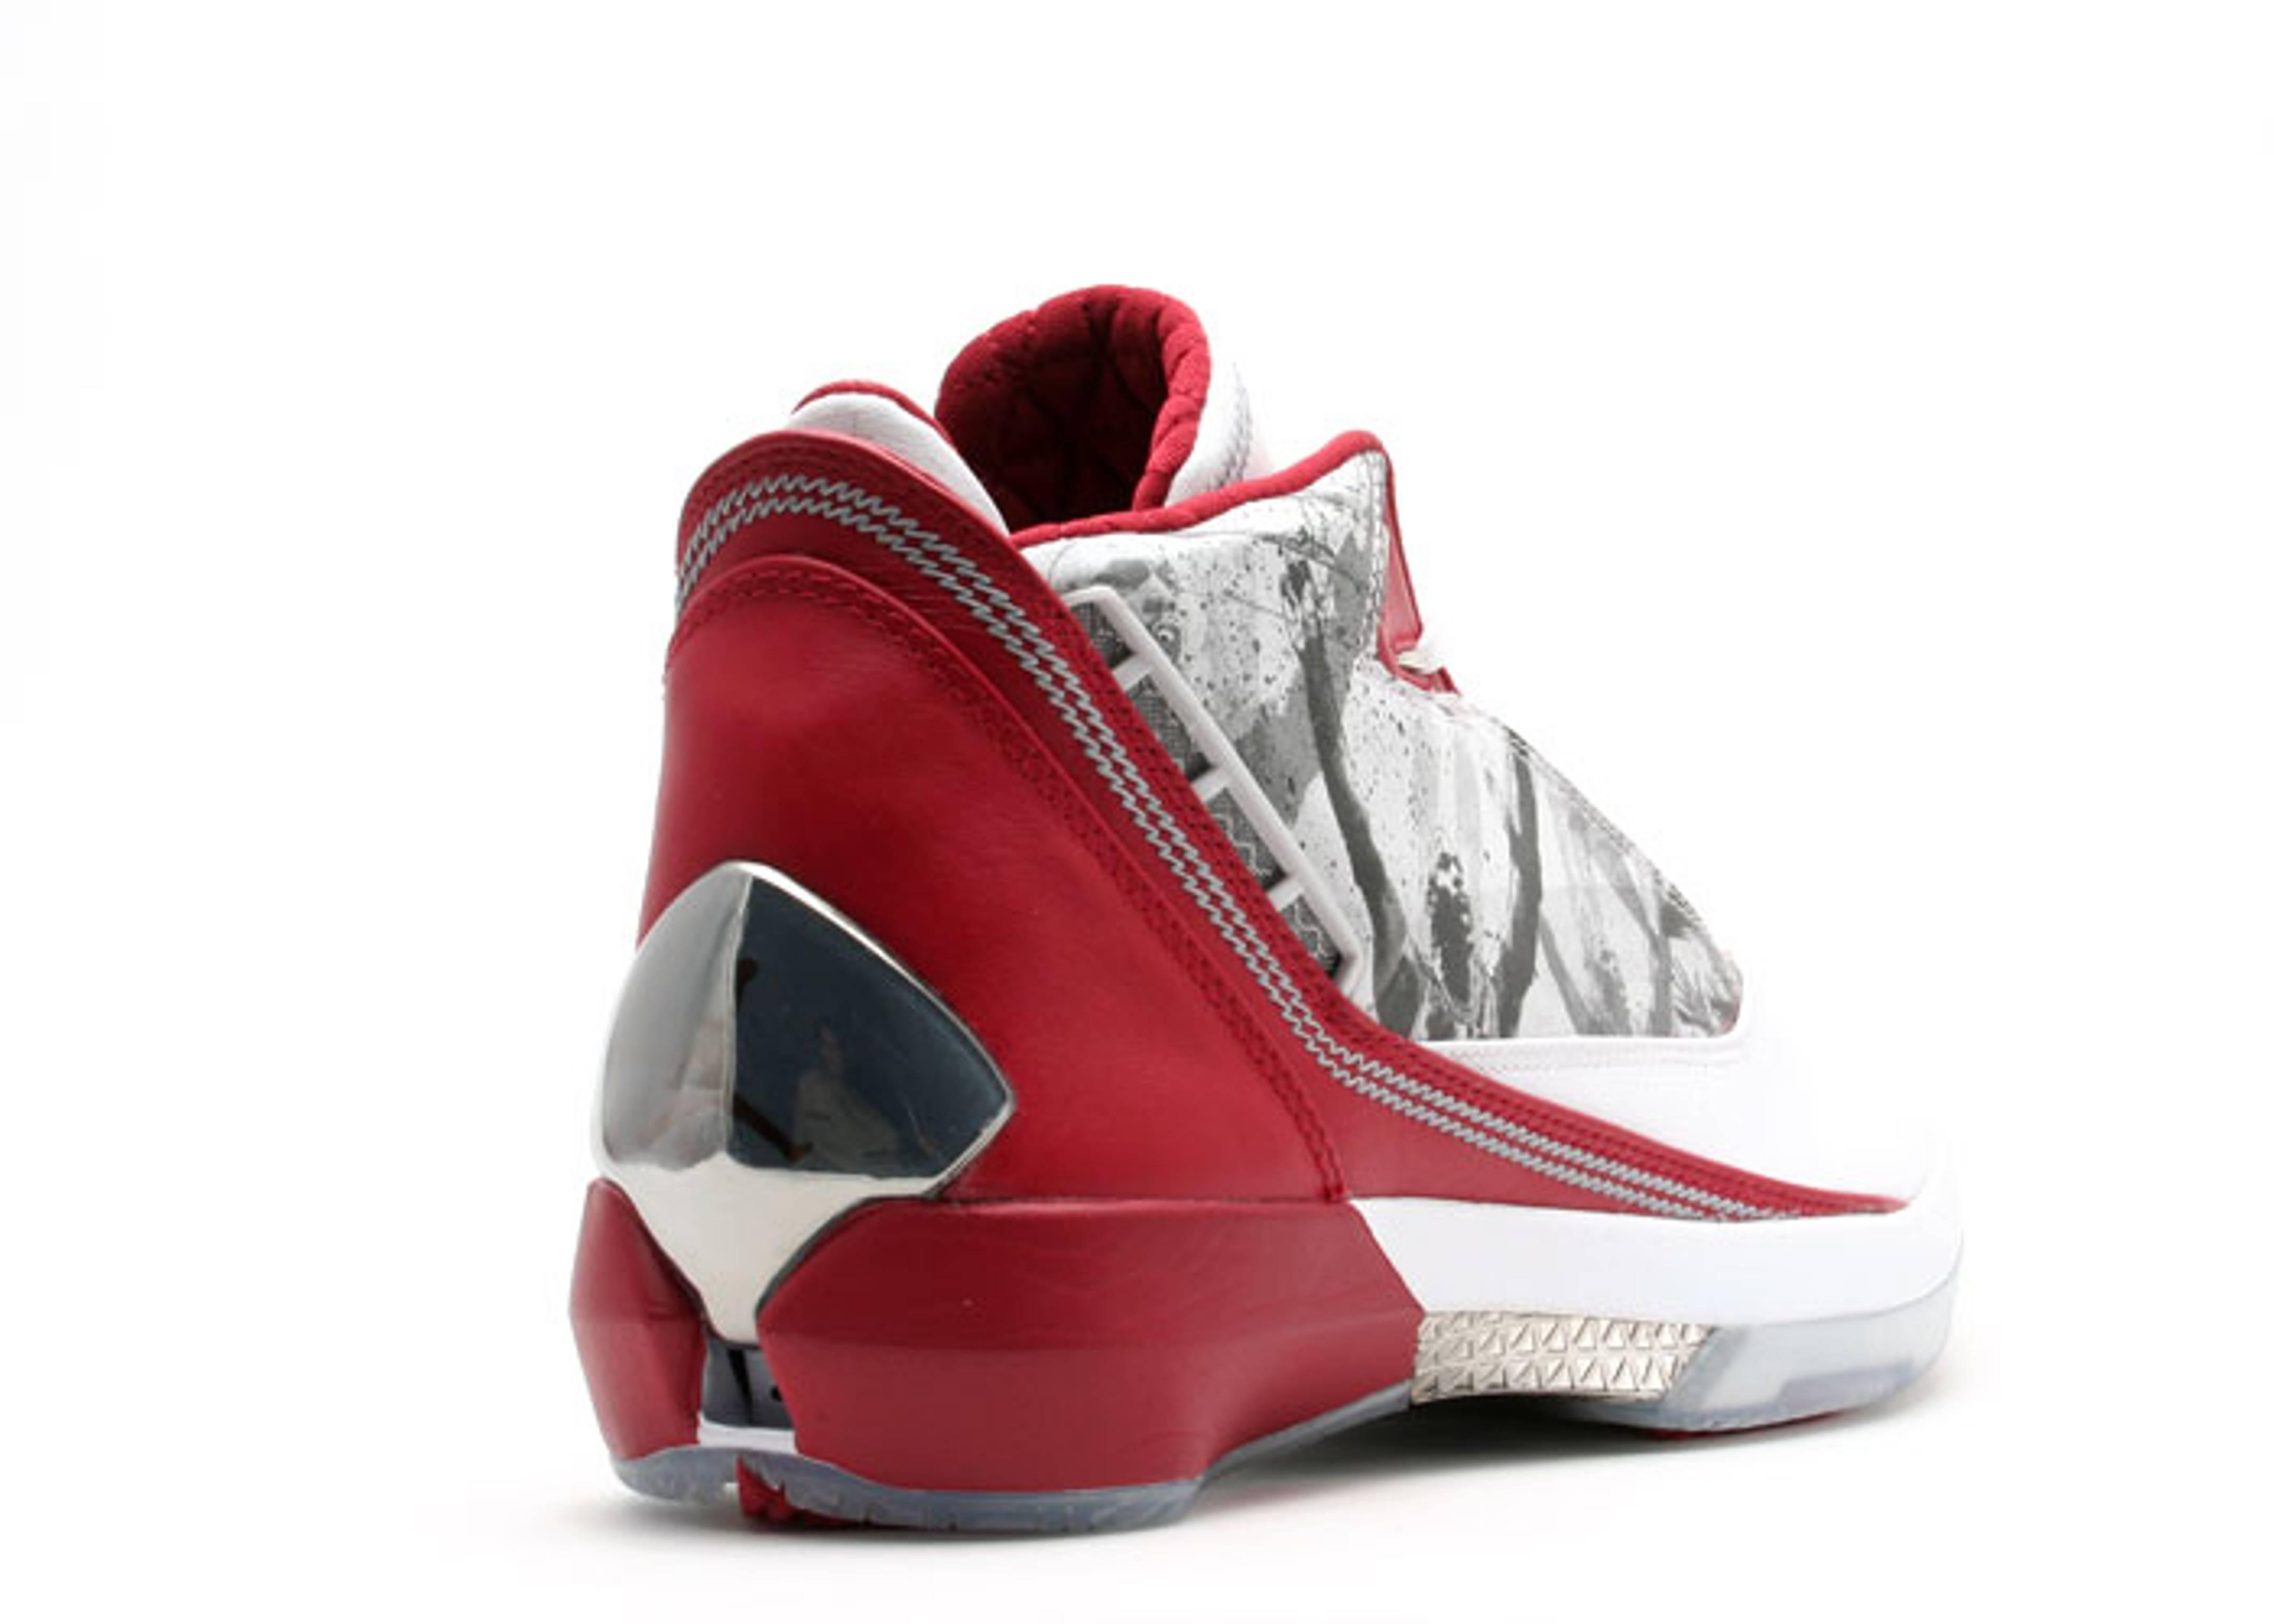 03017a70a11 Jordan 22 OG Omega Air Jordan 22 Omega - Air Jordan - 315299 162 - whitevarsity  red-black Flight ...